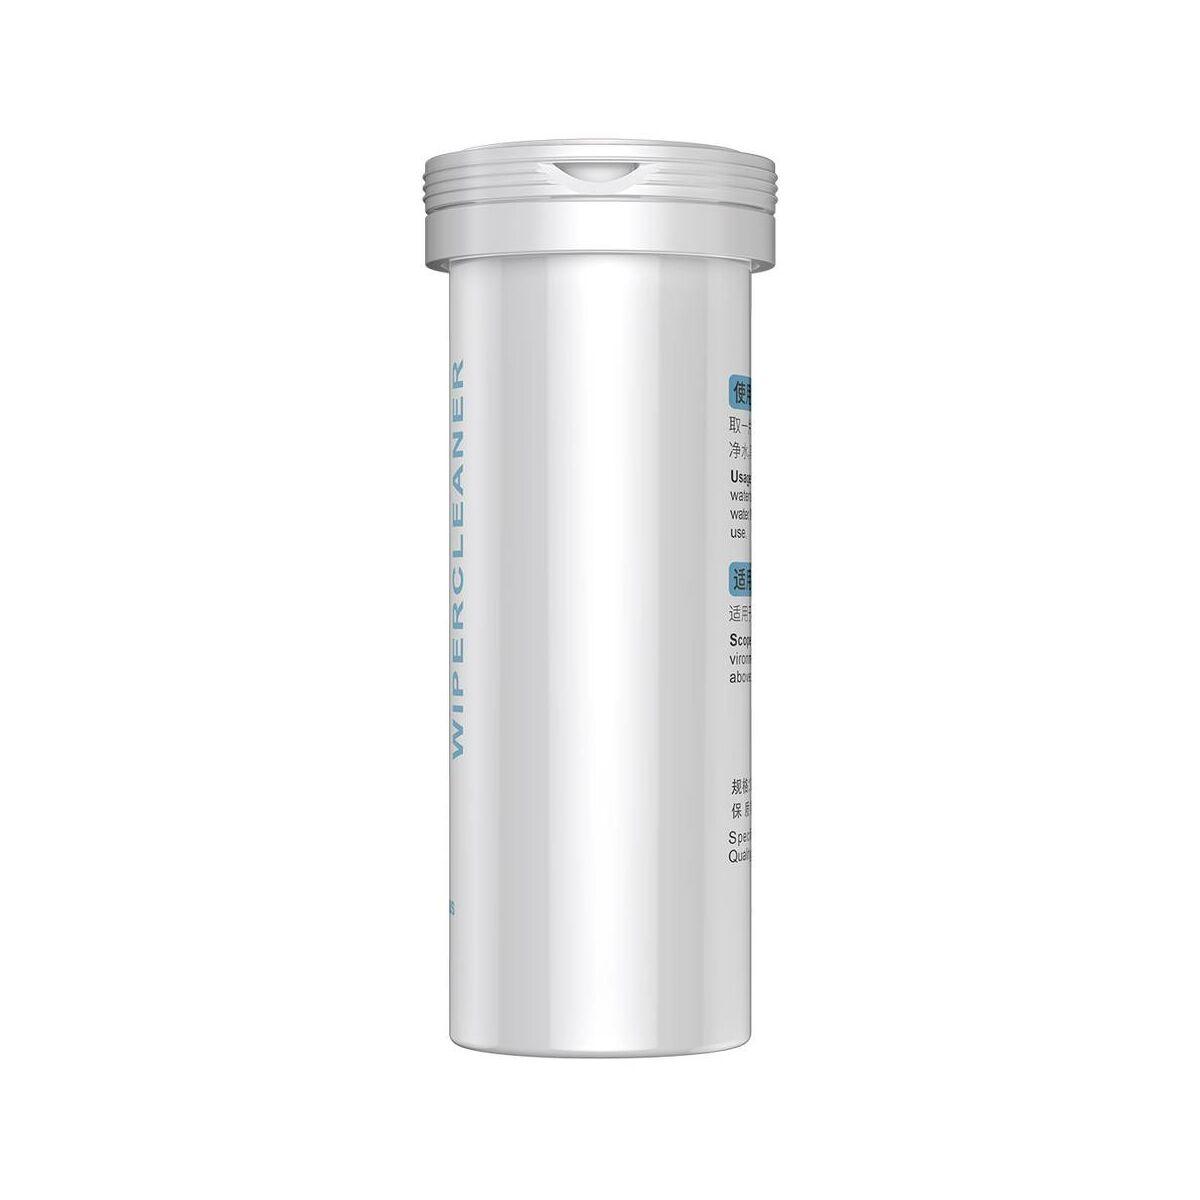 Baseus autós kiegészítő, Effervescent szélvédő tisztító tabletták, fehér (CRBLS-02)